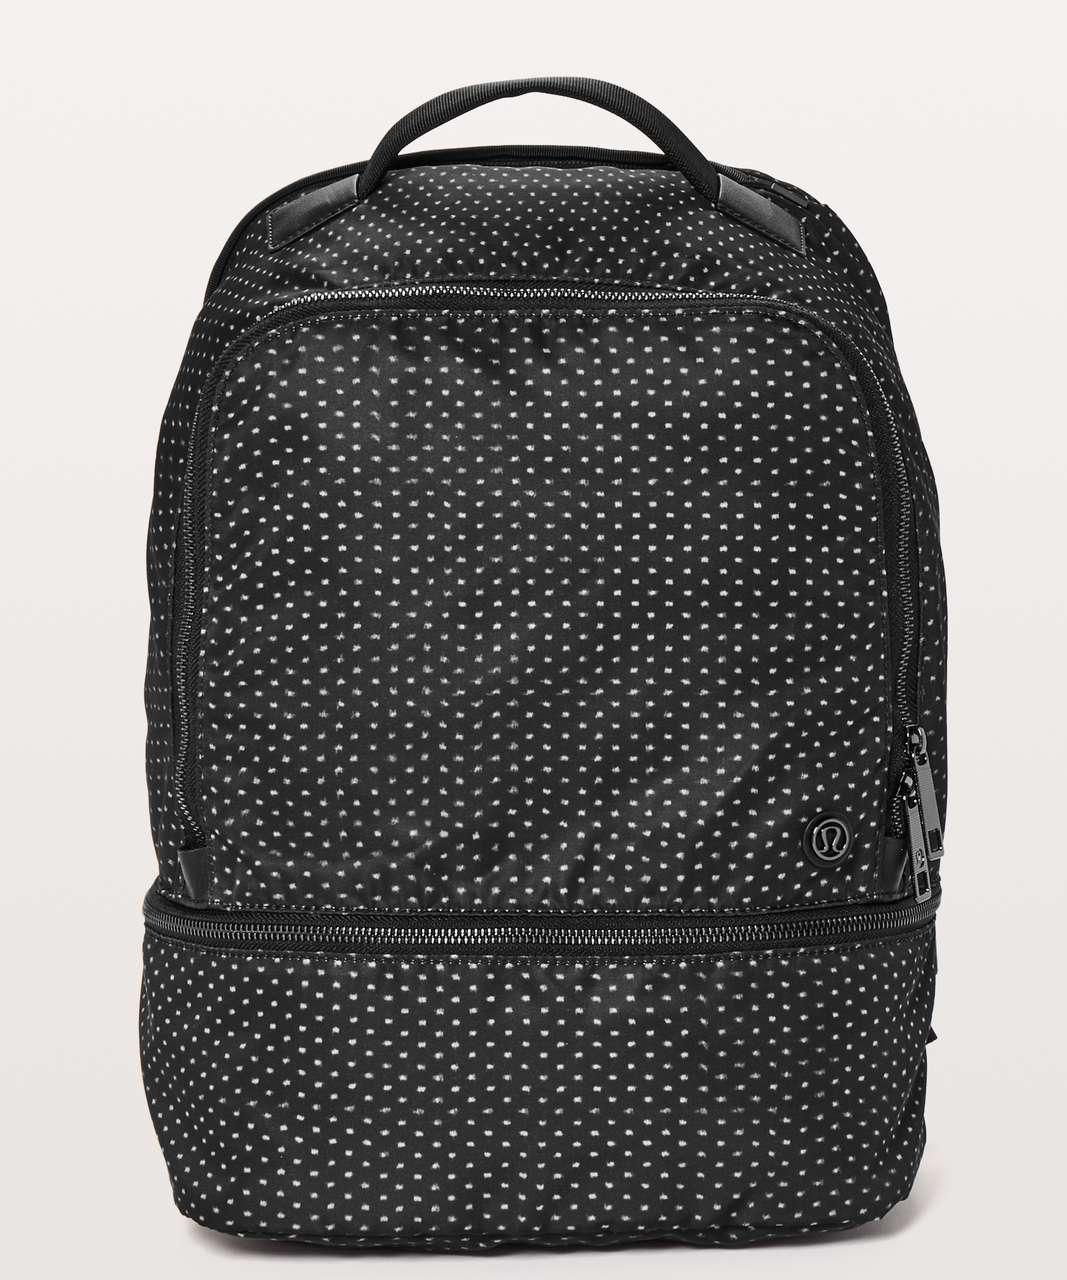 Lululemon City Adventurer Backpack *17L - Ikat Needle Dot Grey Black / Black